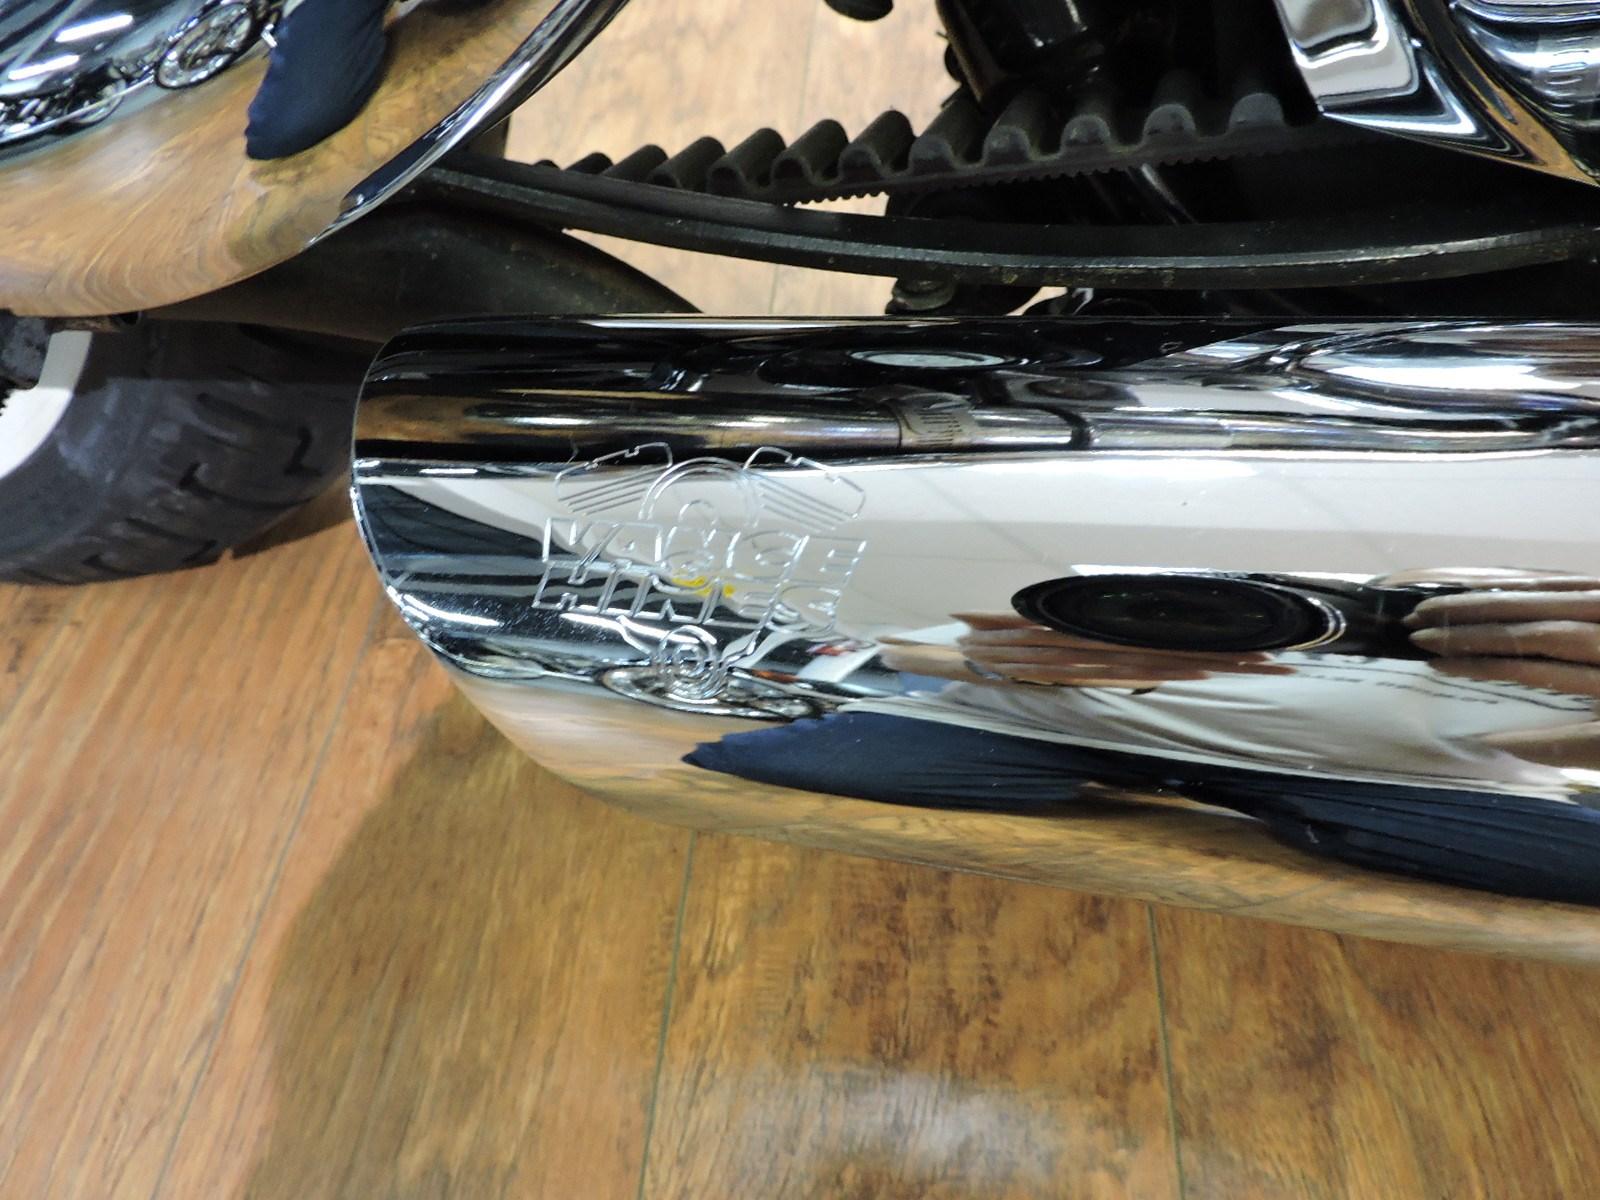 2012 Harley Davidson Xl1200v Sportster Seventy Two Autos Post